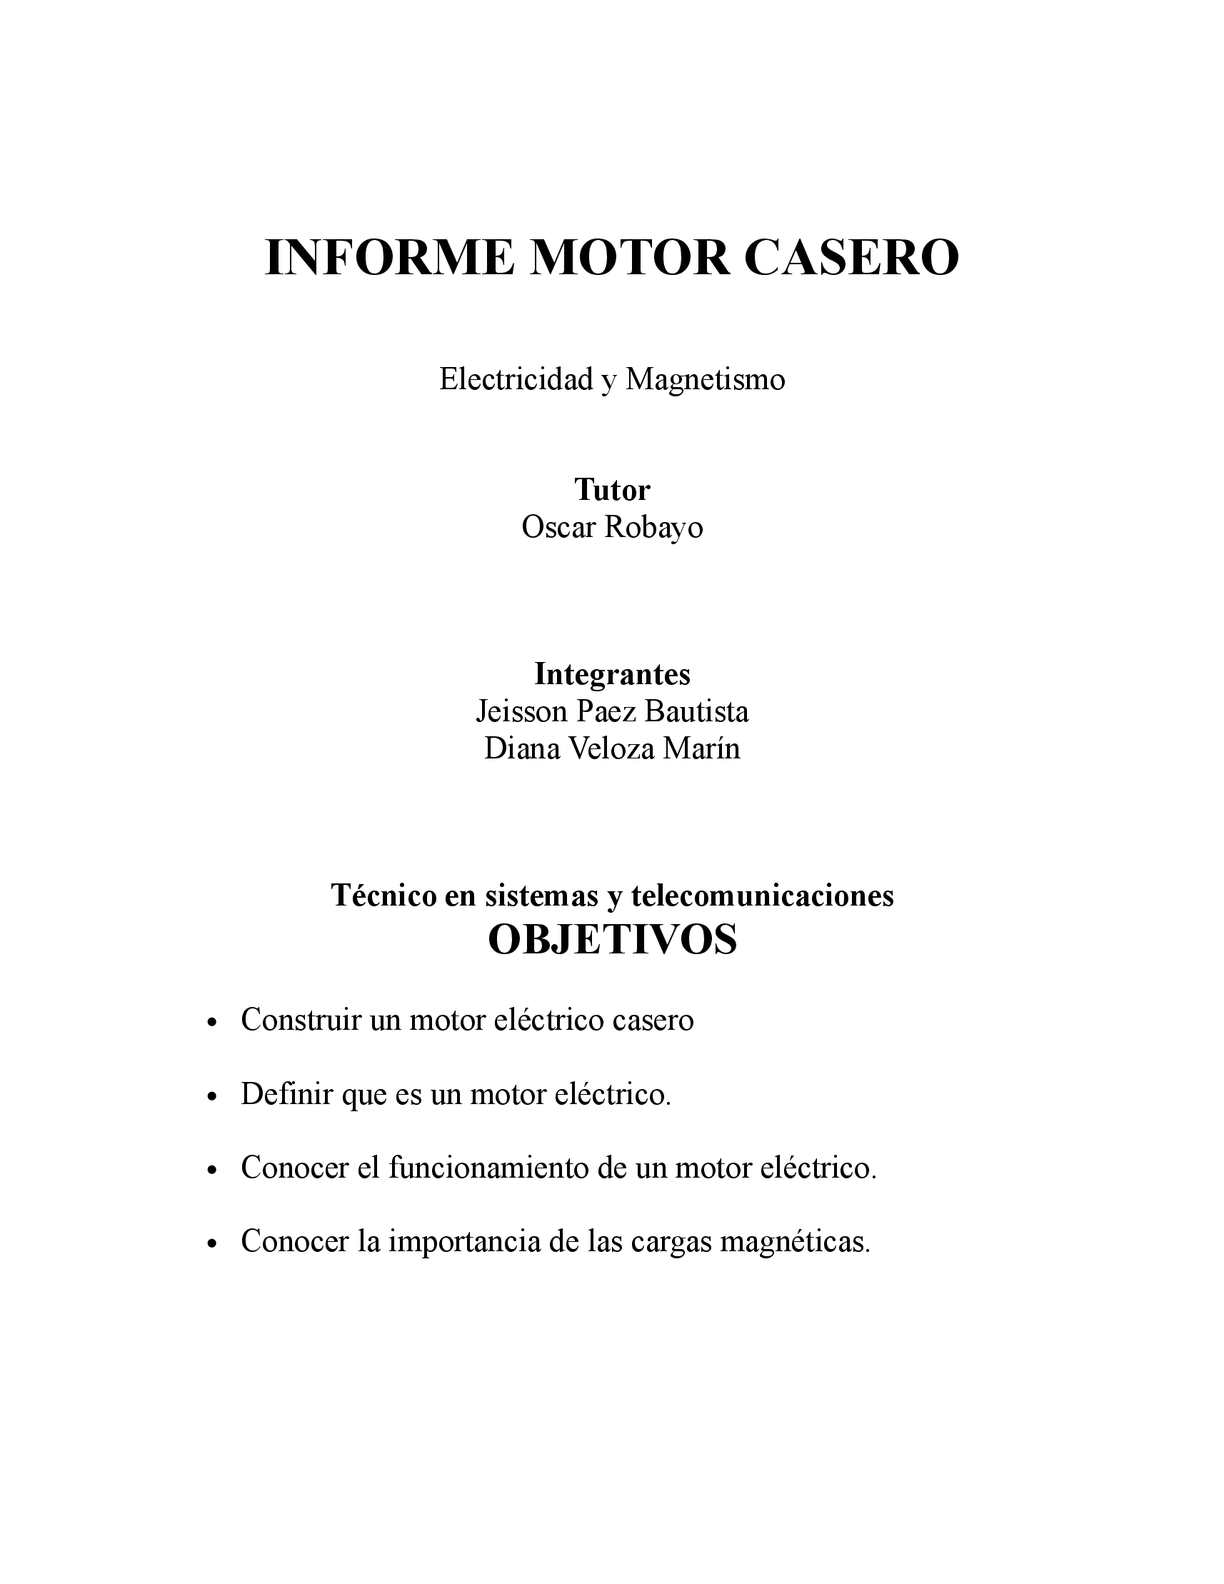 Calaméo - INFORME MOTOR ELECTRICO